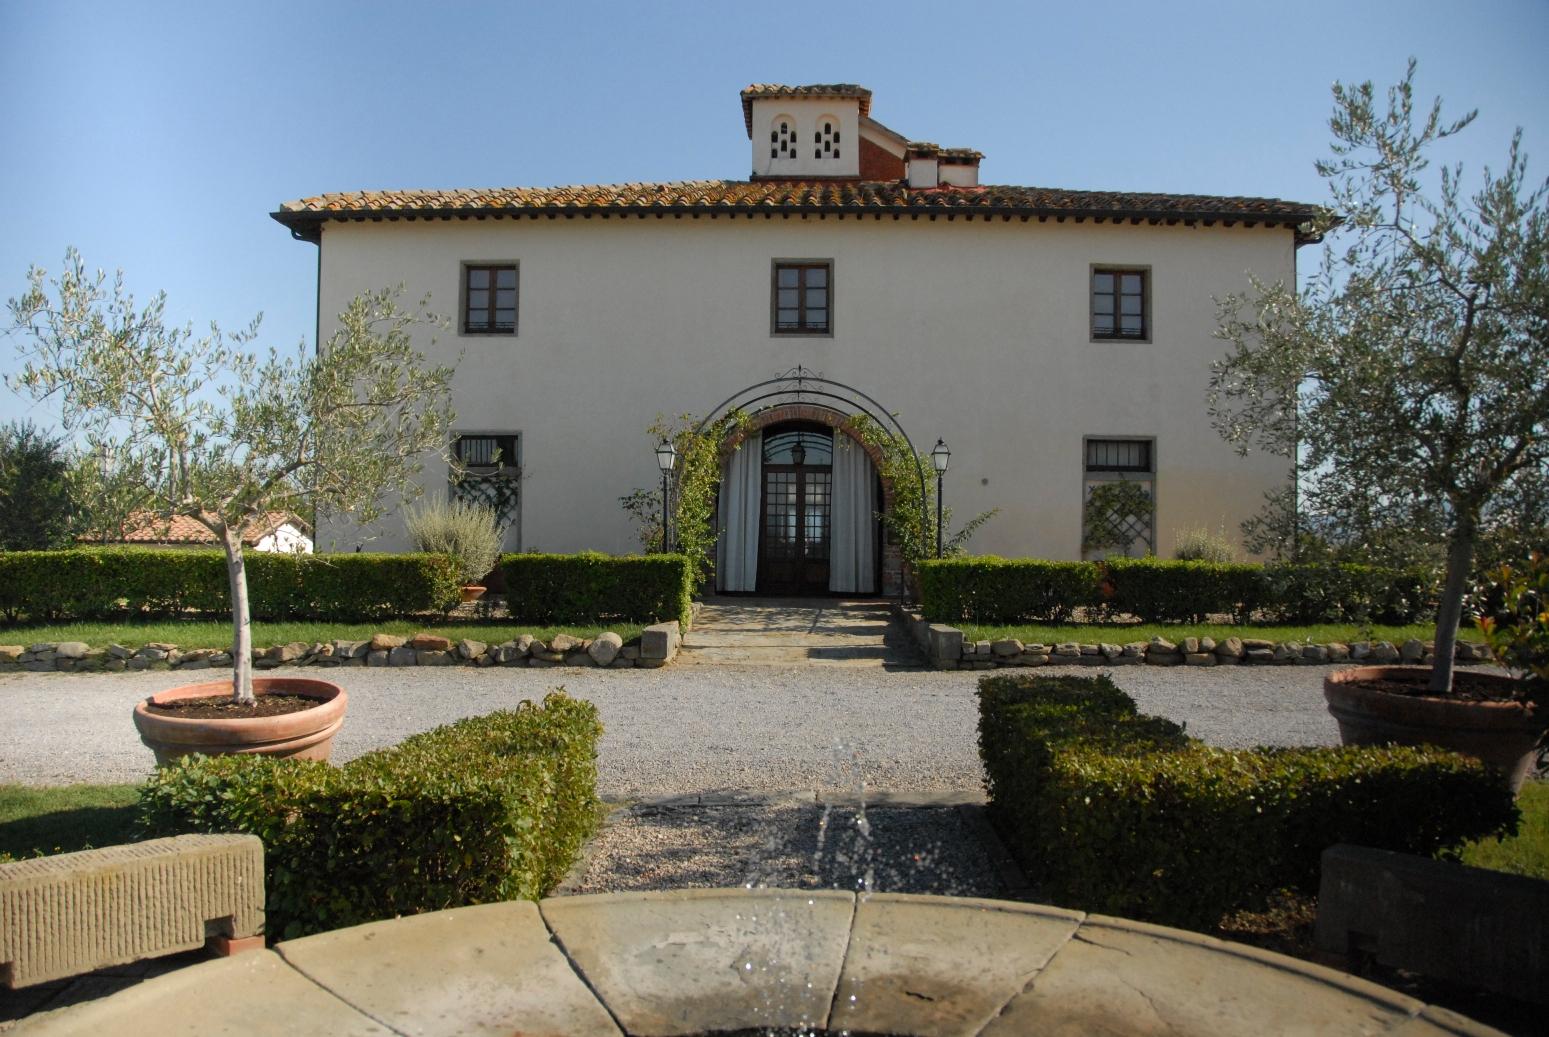 Villa de' Michelangioli Arezzo Toscana